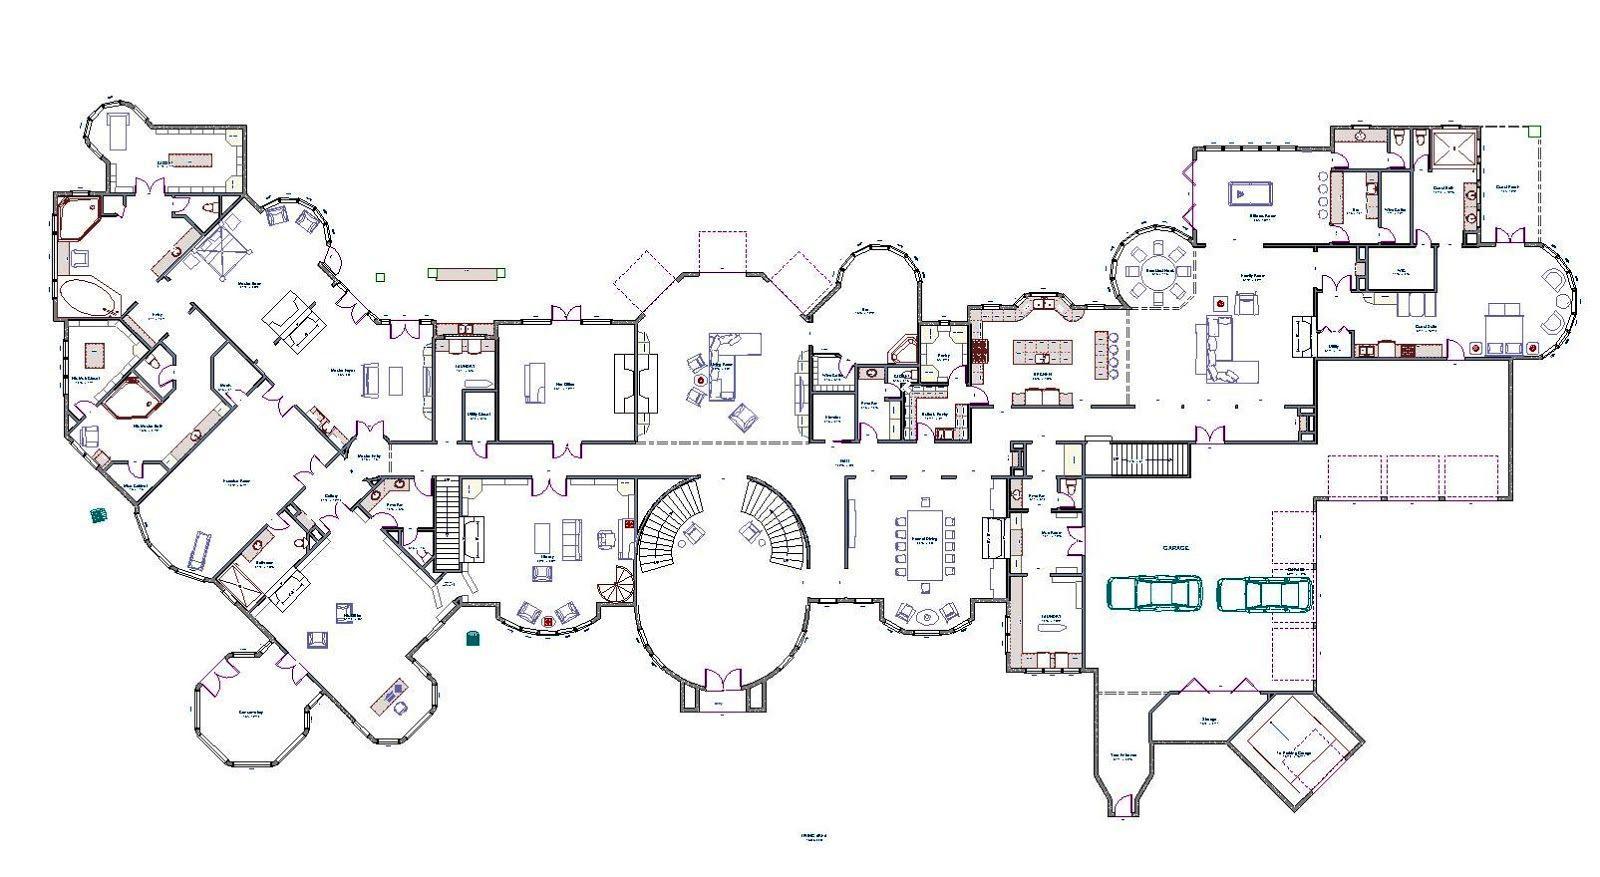 Mansion Floor Plans With Secret Passages